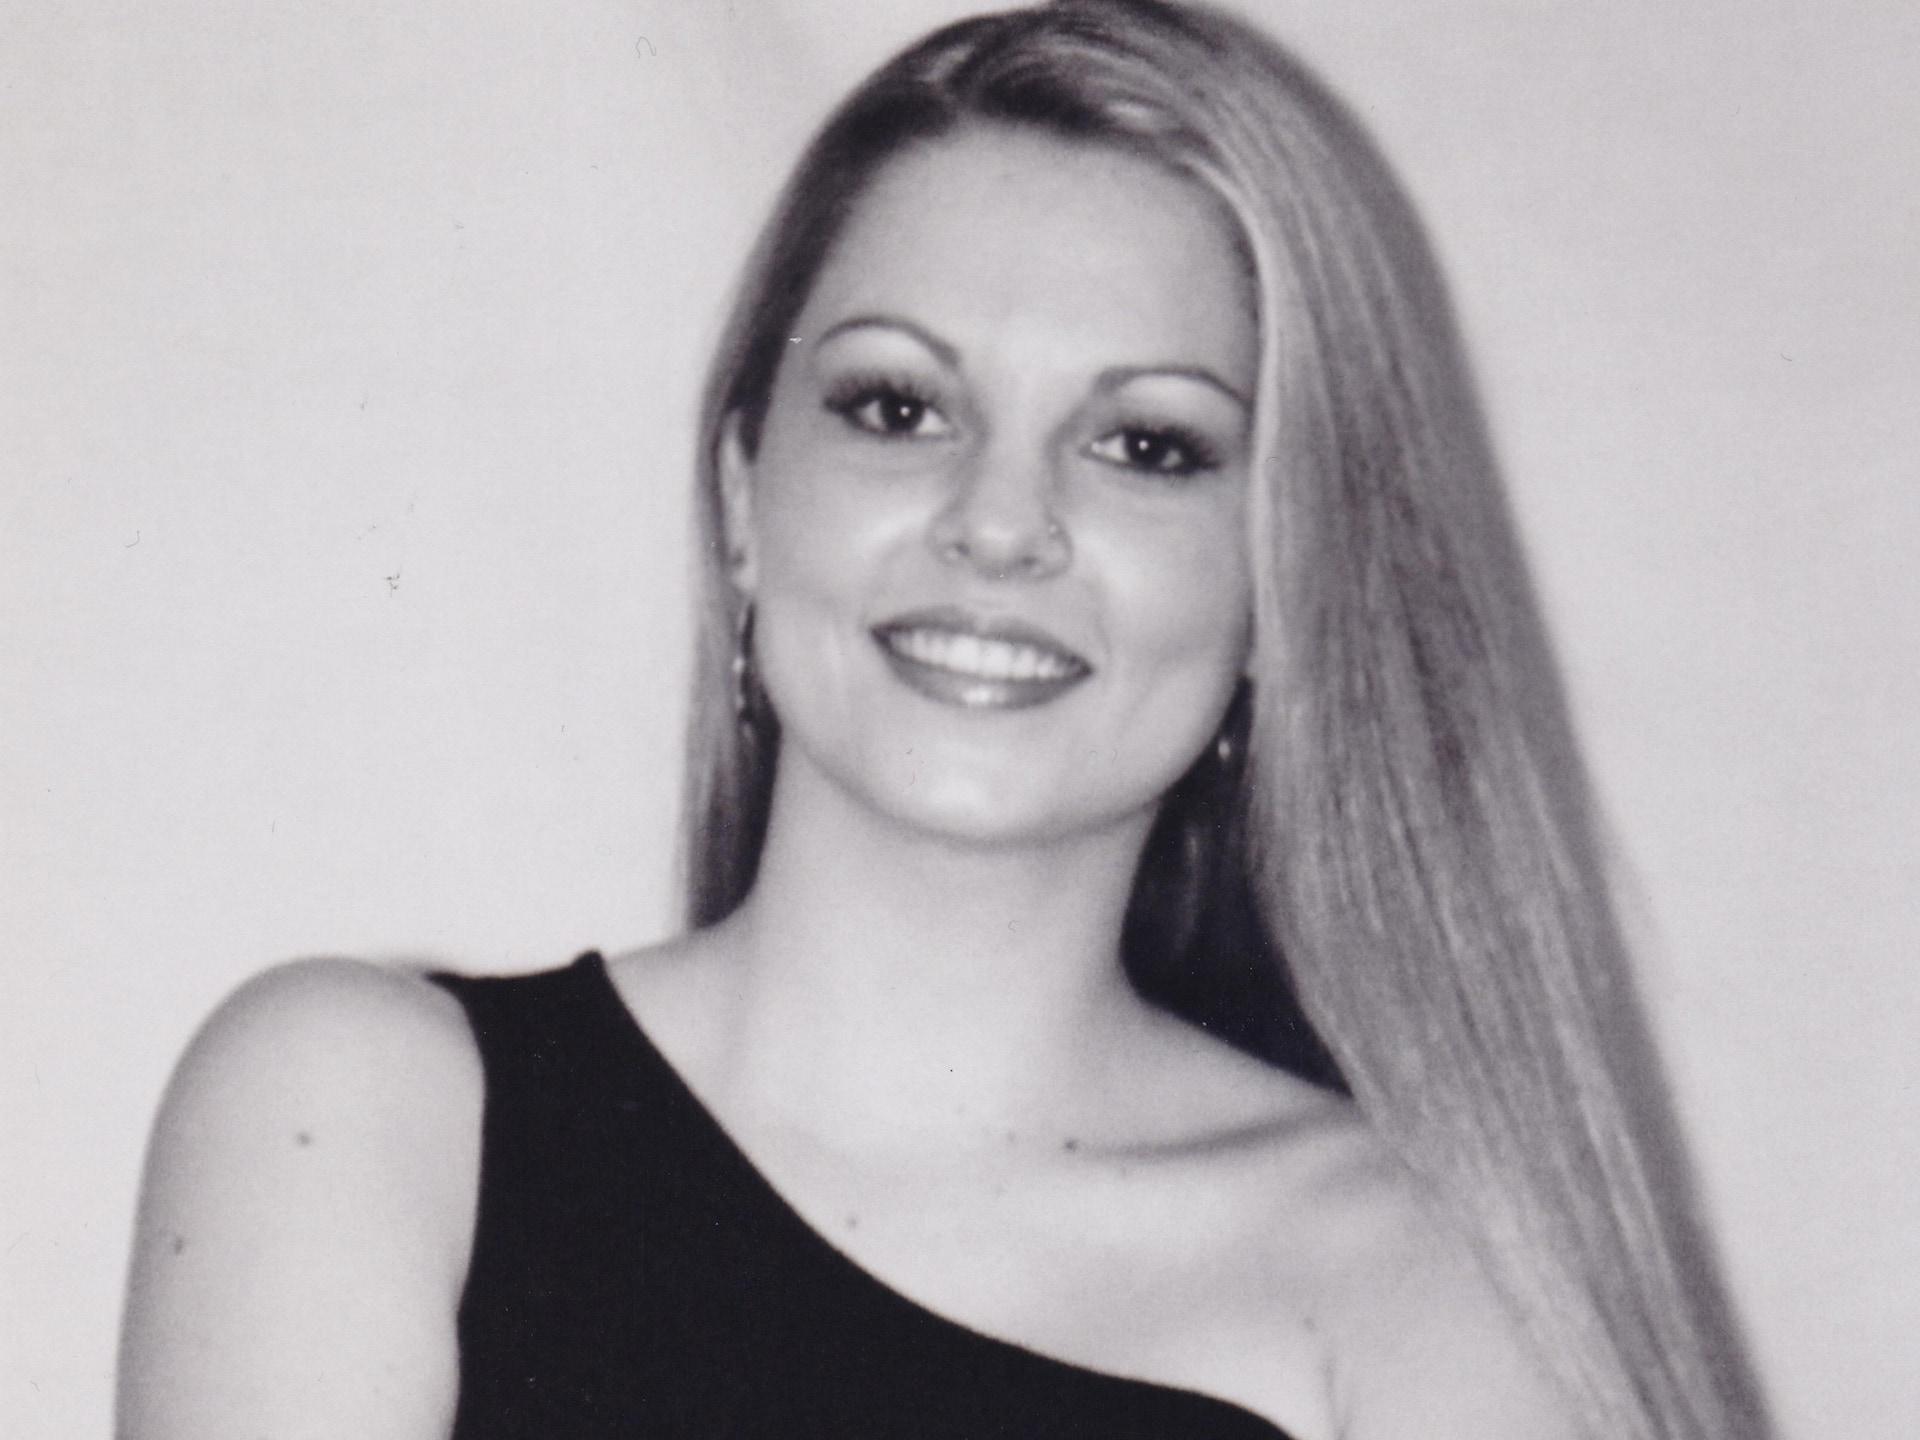 Une femme photographiée en noir et blanc.